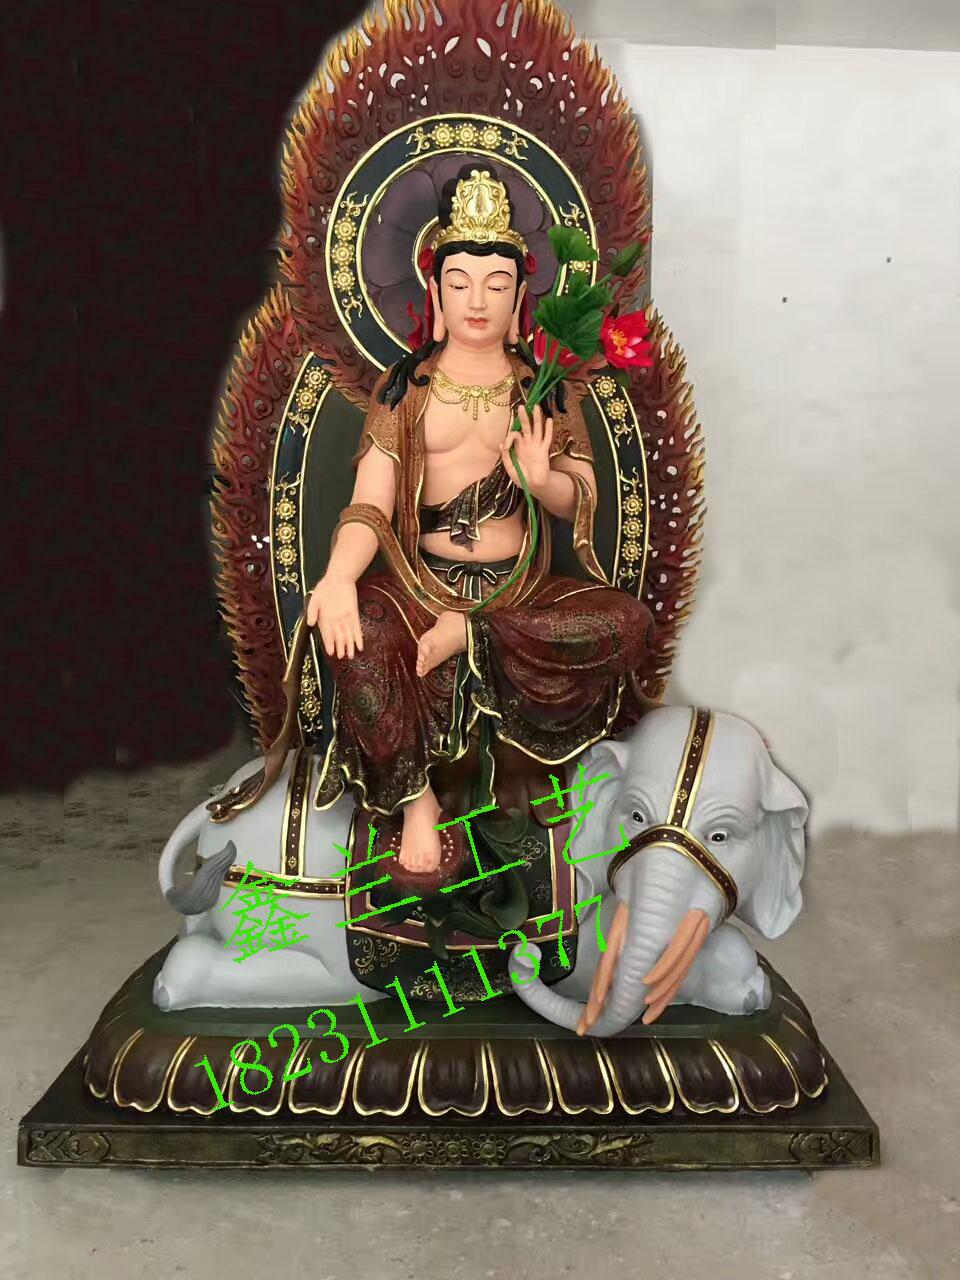 铜雕普贤菩萨像、铜像大行普贤菩萨雕塑